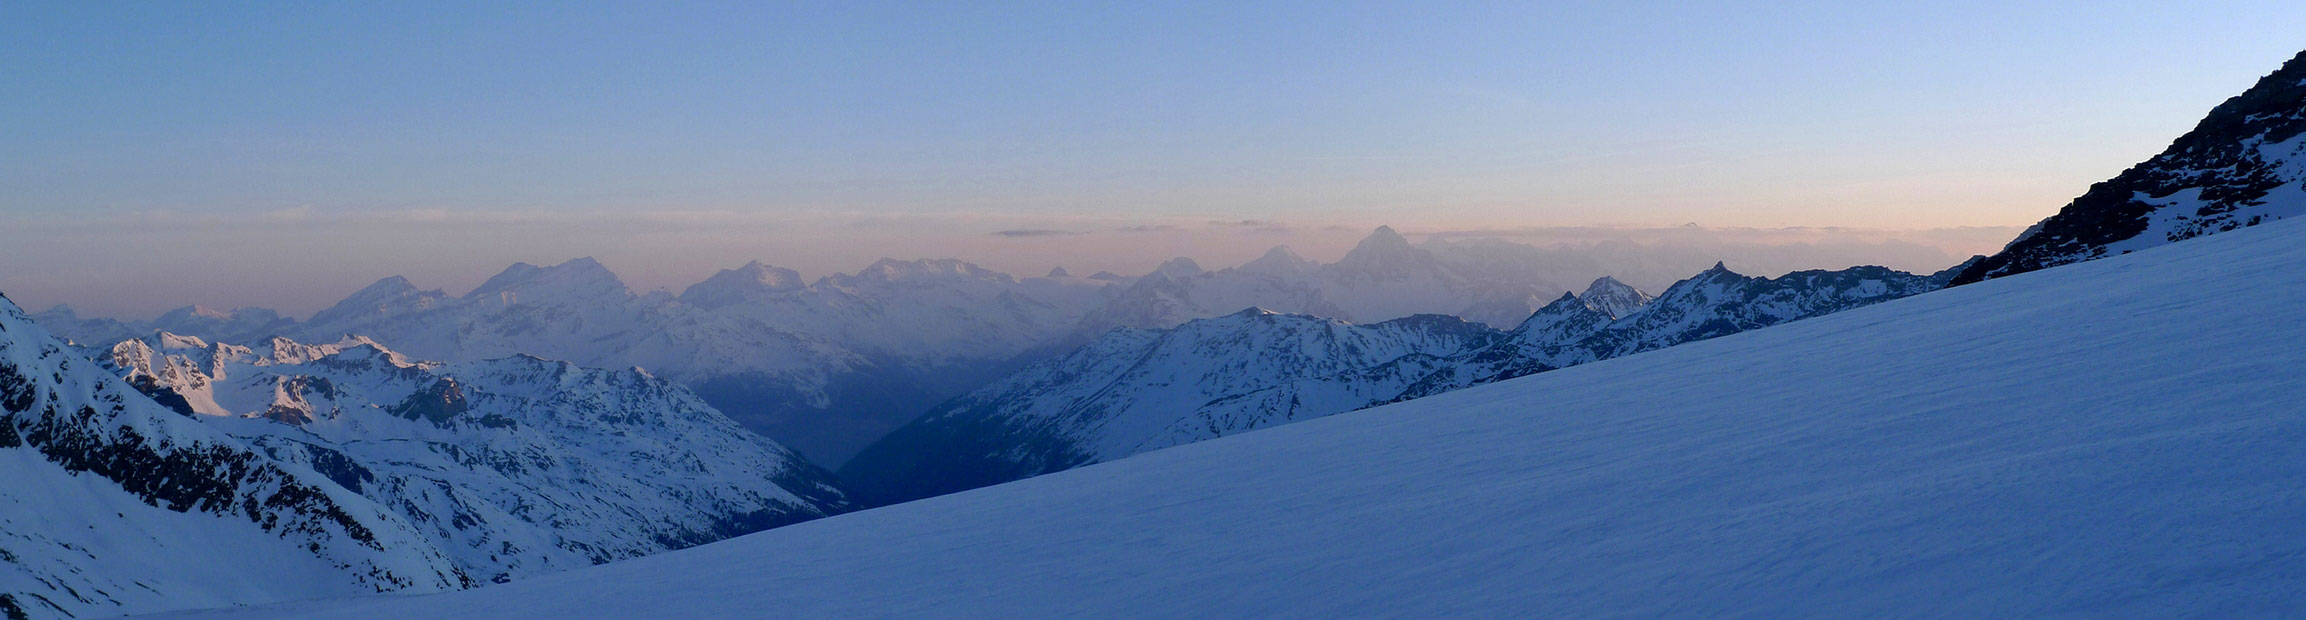 Bishorn Walliser Alpen / Alpes valaisannes Switzerland panorama 14